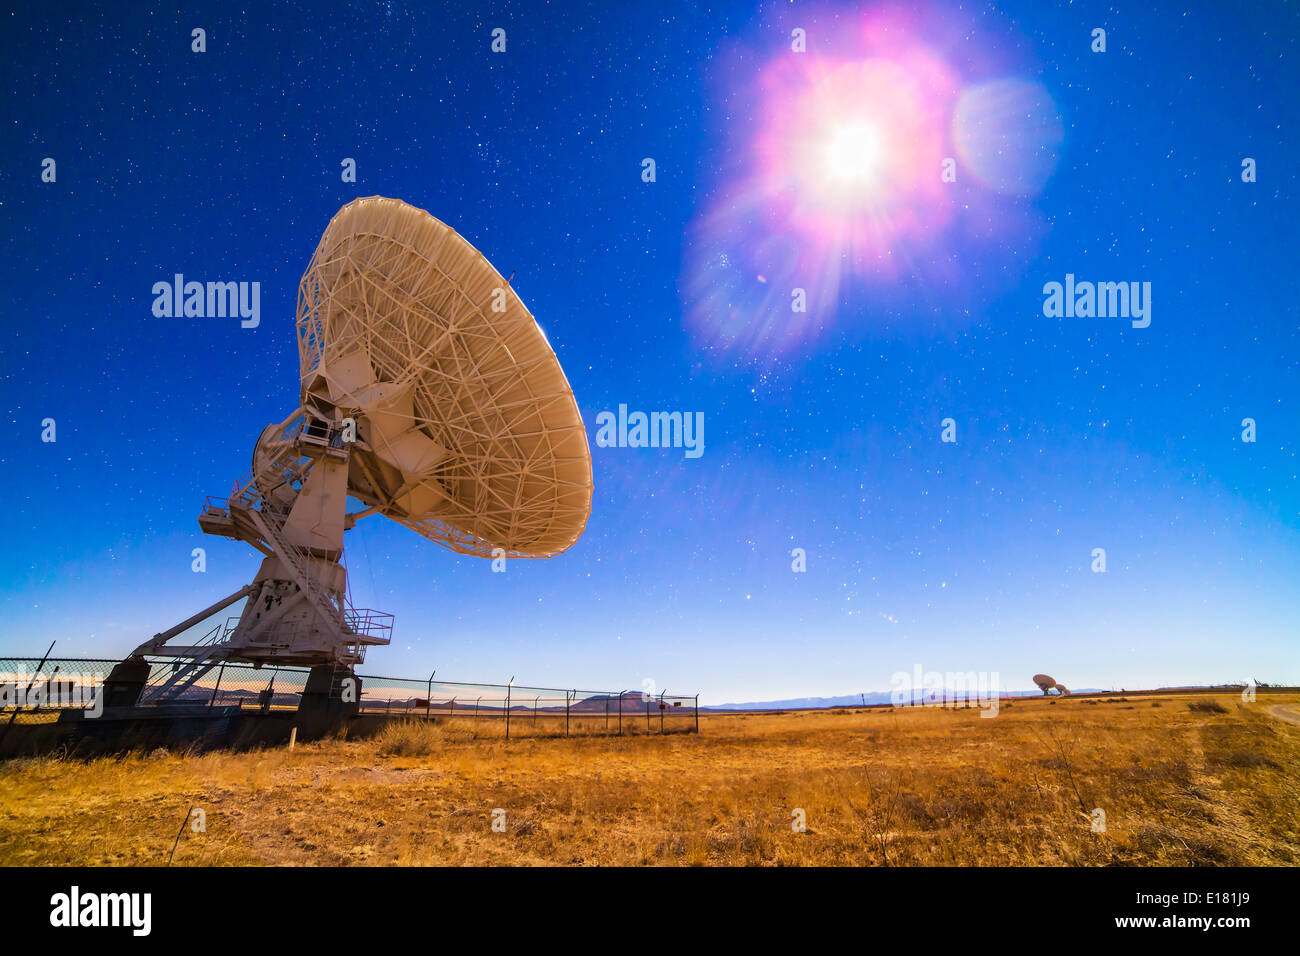 Eine der 27 Antennen des Very Large Array (VLA) Radio Telescope Komplex in New Mexico (zusammen mit anderen in der Ferne zu niedrigeren Stockbild